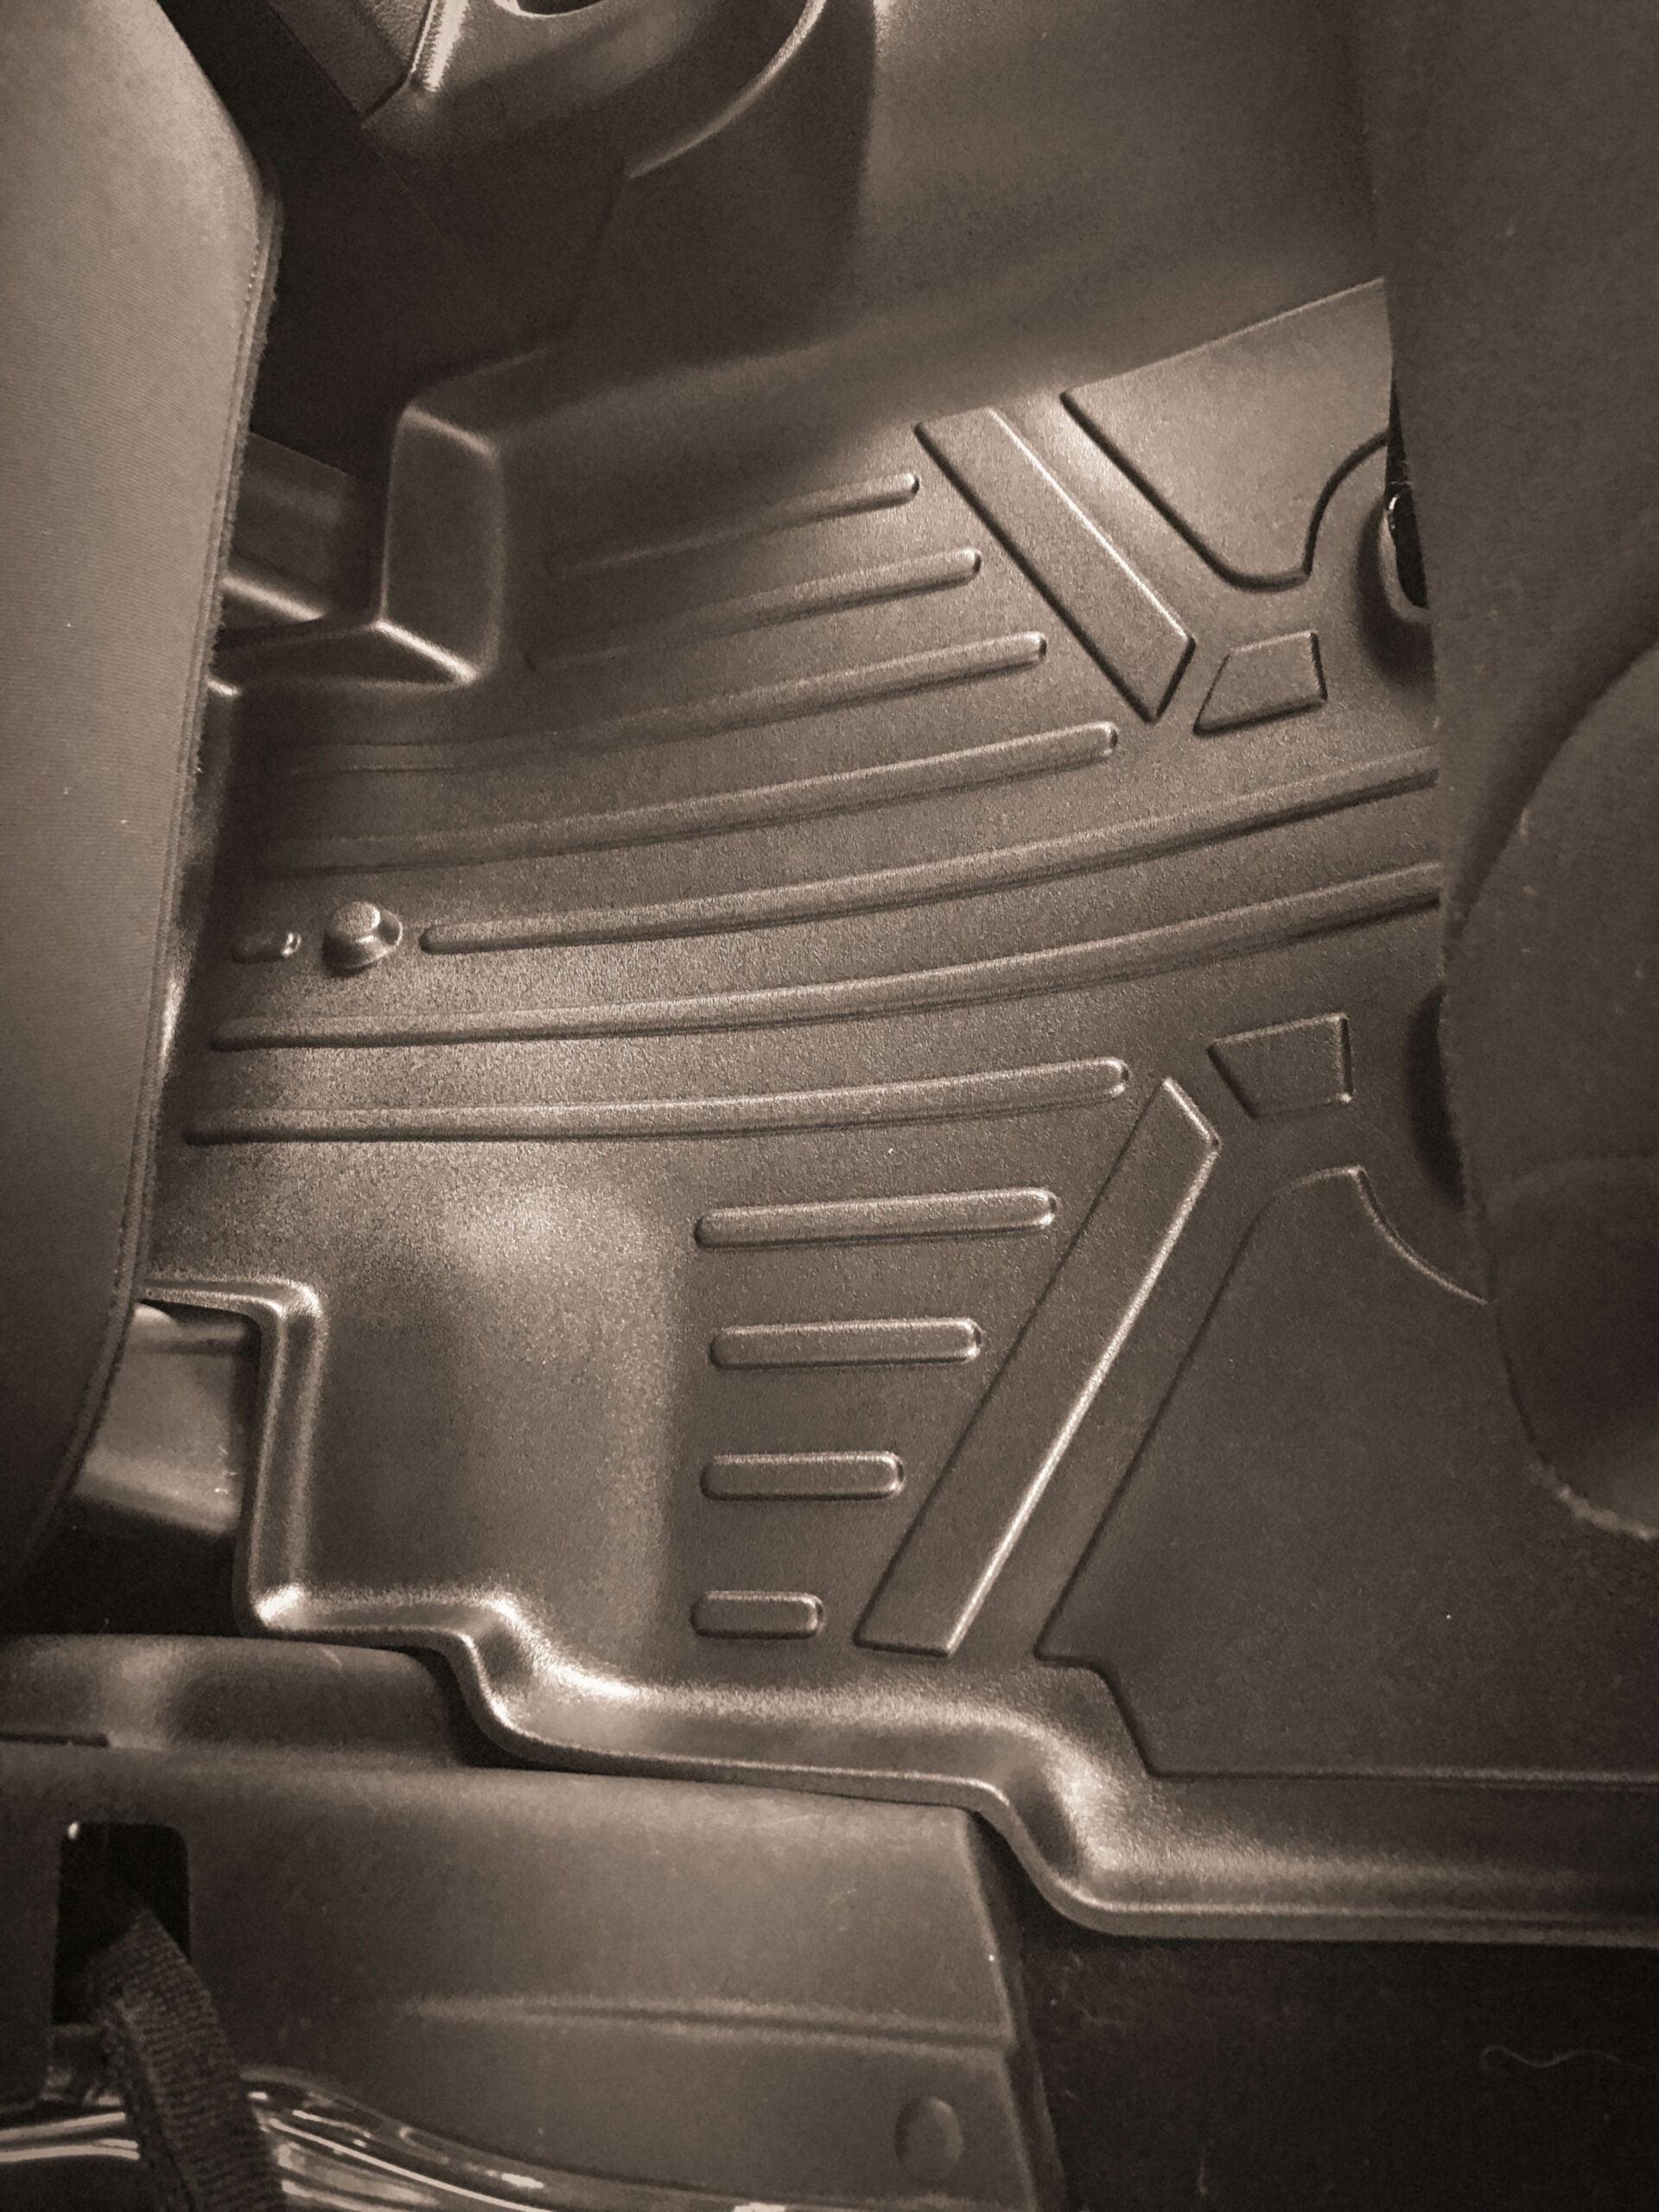 rear maxliner seat floor mats jeep wrangler